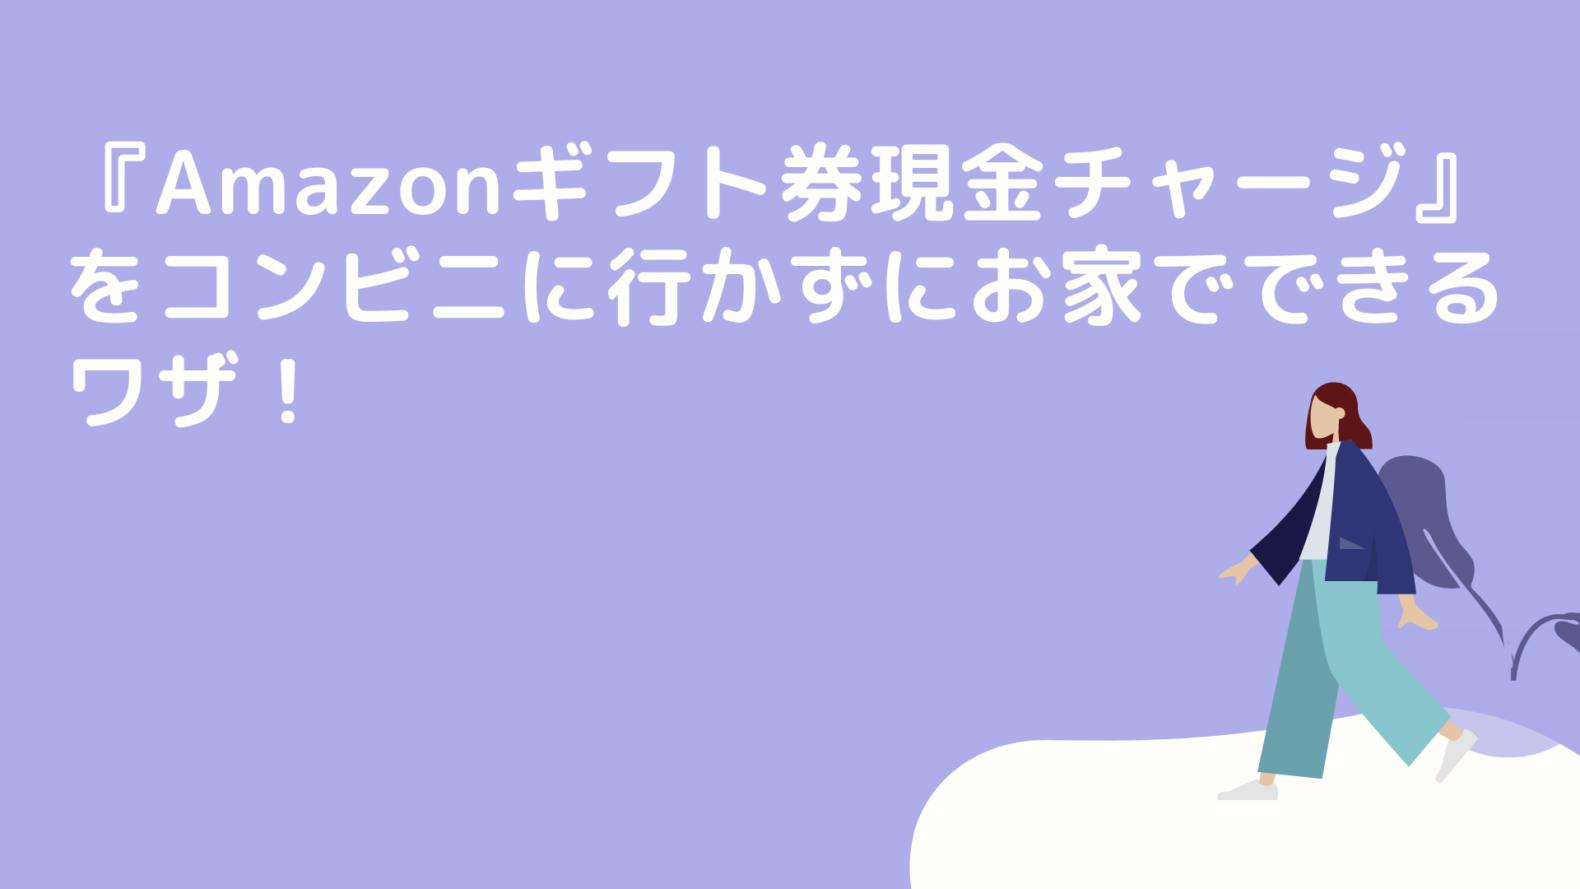 『還元率UP!Amazonギフト券の現金チャージ』をコンビニに行かずにお家でできるワザ!ブログアイキャッチ画像